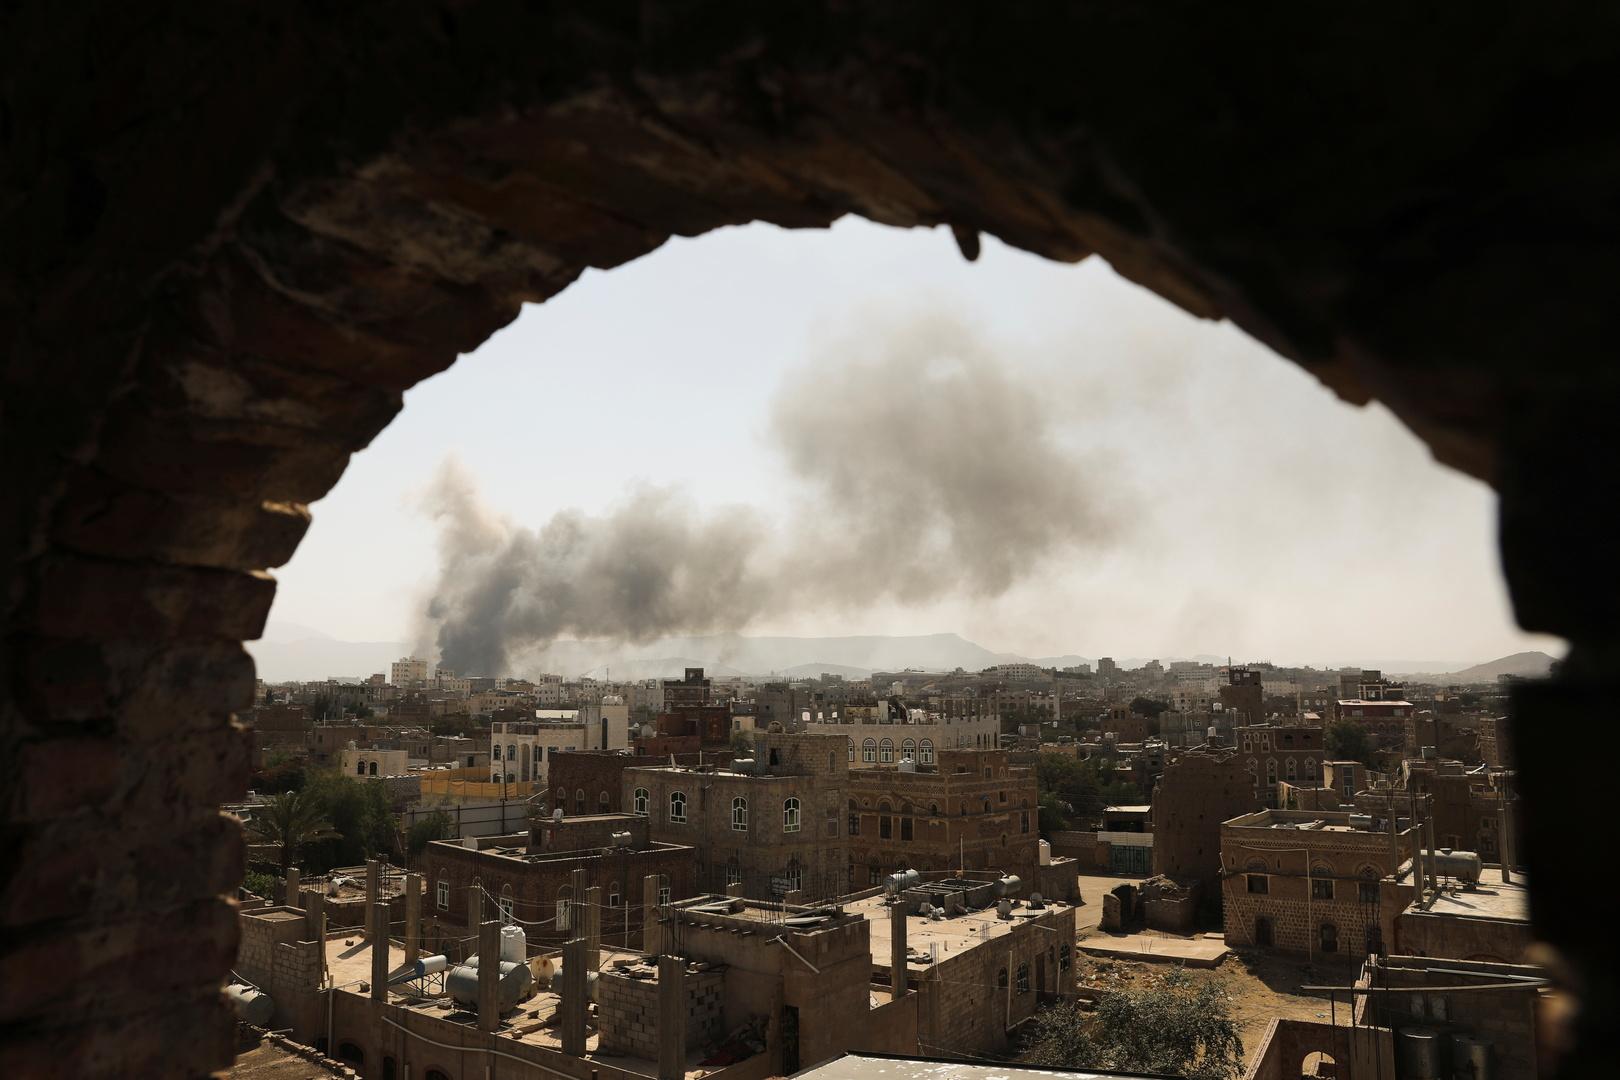 التحالف العربي يؤكد شن غارات على صنعاء ضمن